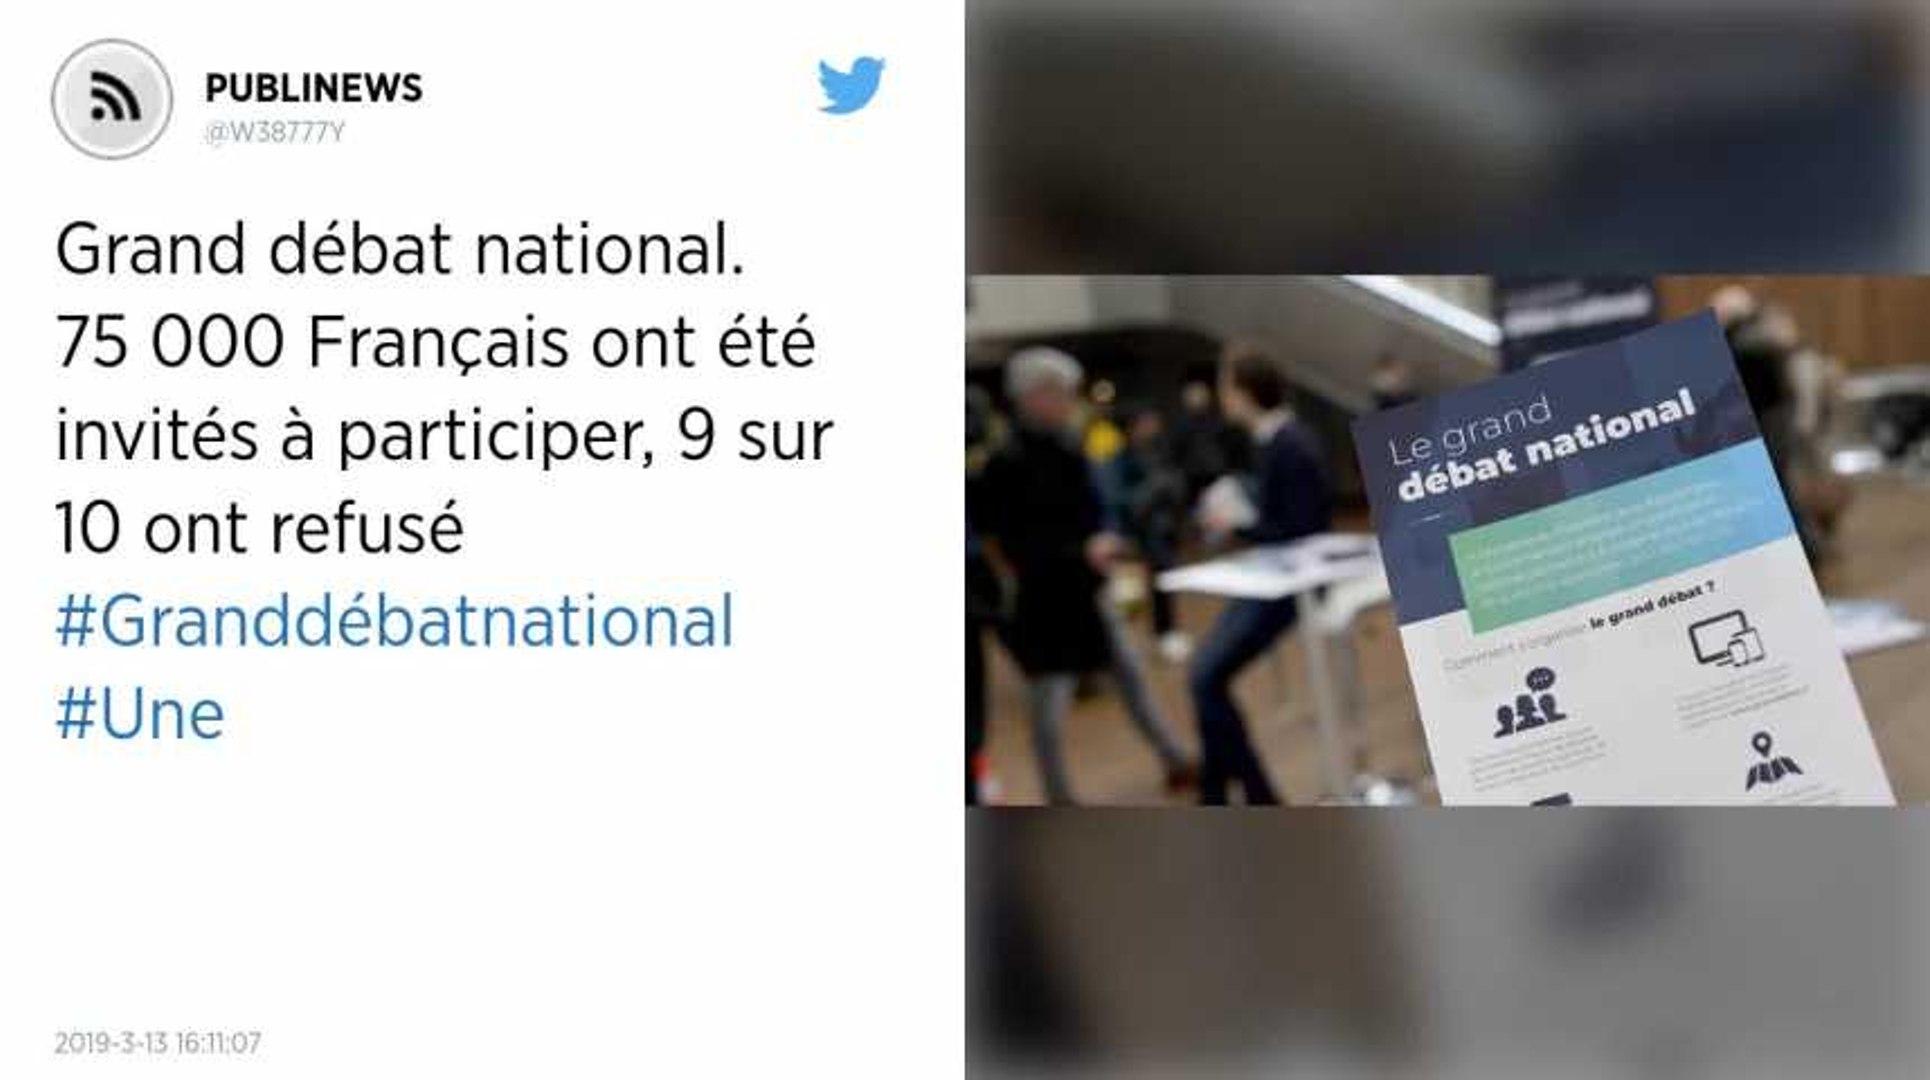 Grand débat national. 75 000 Français ont été invités à participer, 9 sur 10 ont refusé.